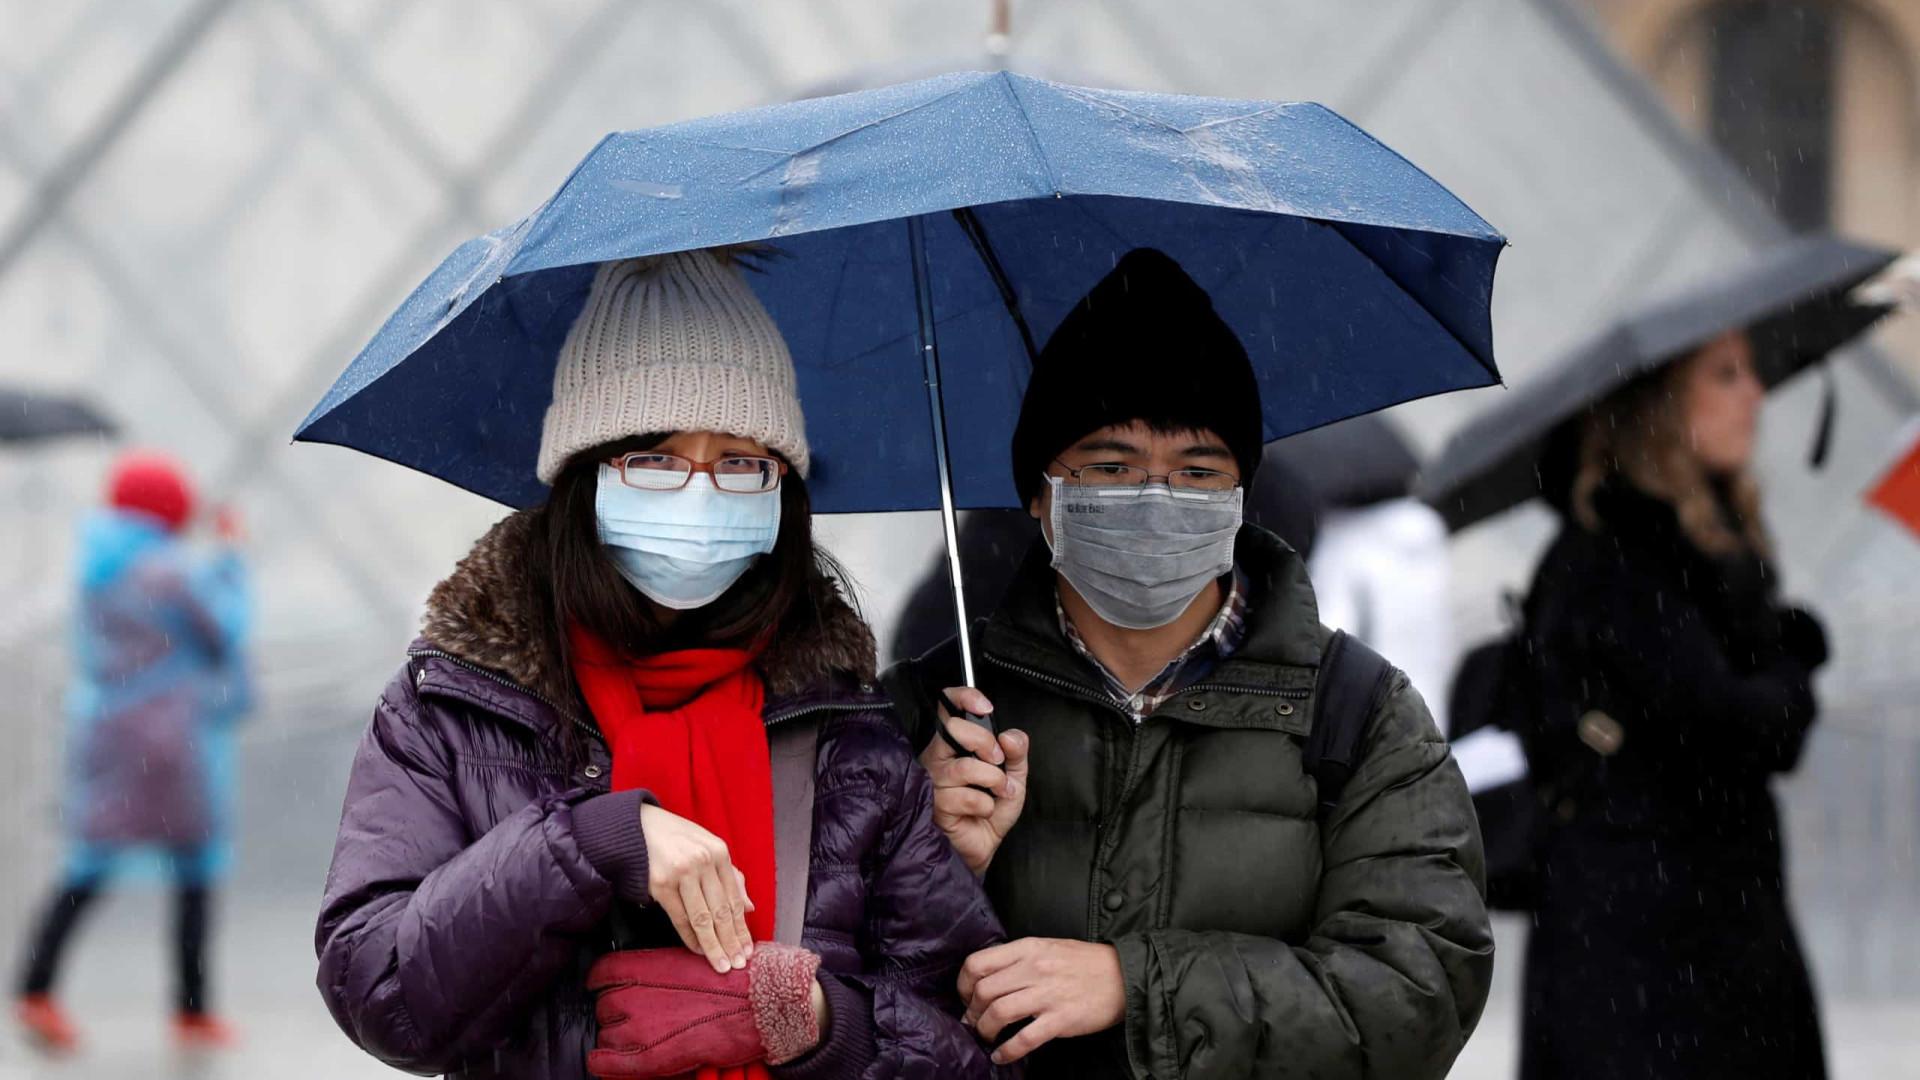 Vírus já matou 186.462 pessoas e infetou quase 2,7 milhões no mundo